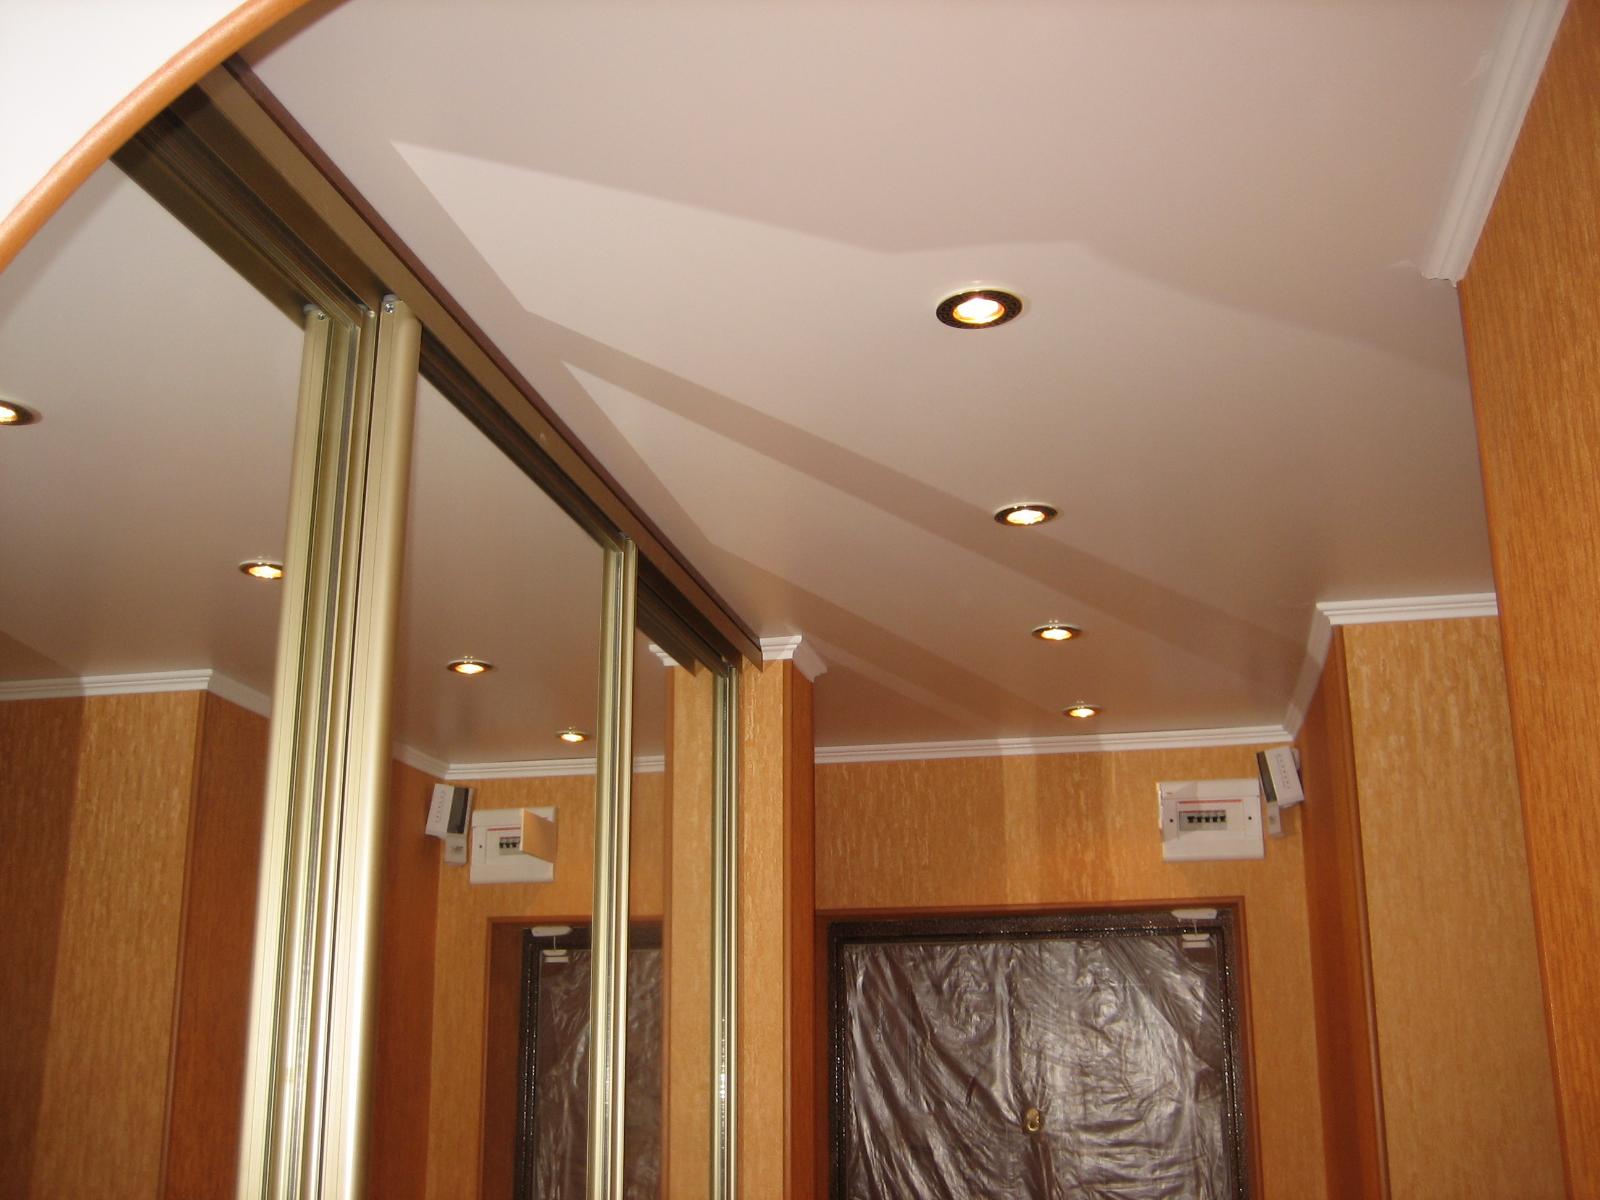 натяжной потолок и встраиваемый шкаф купе (1)